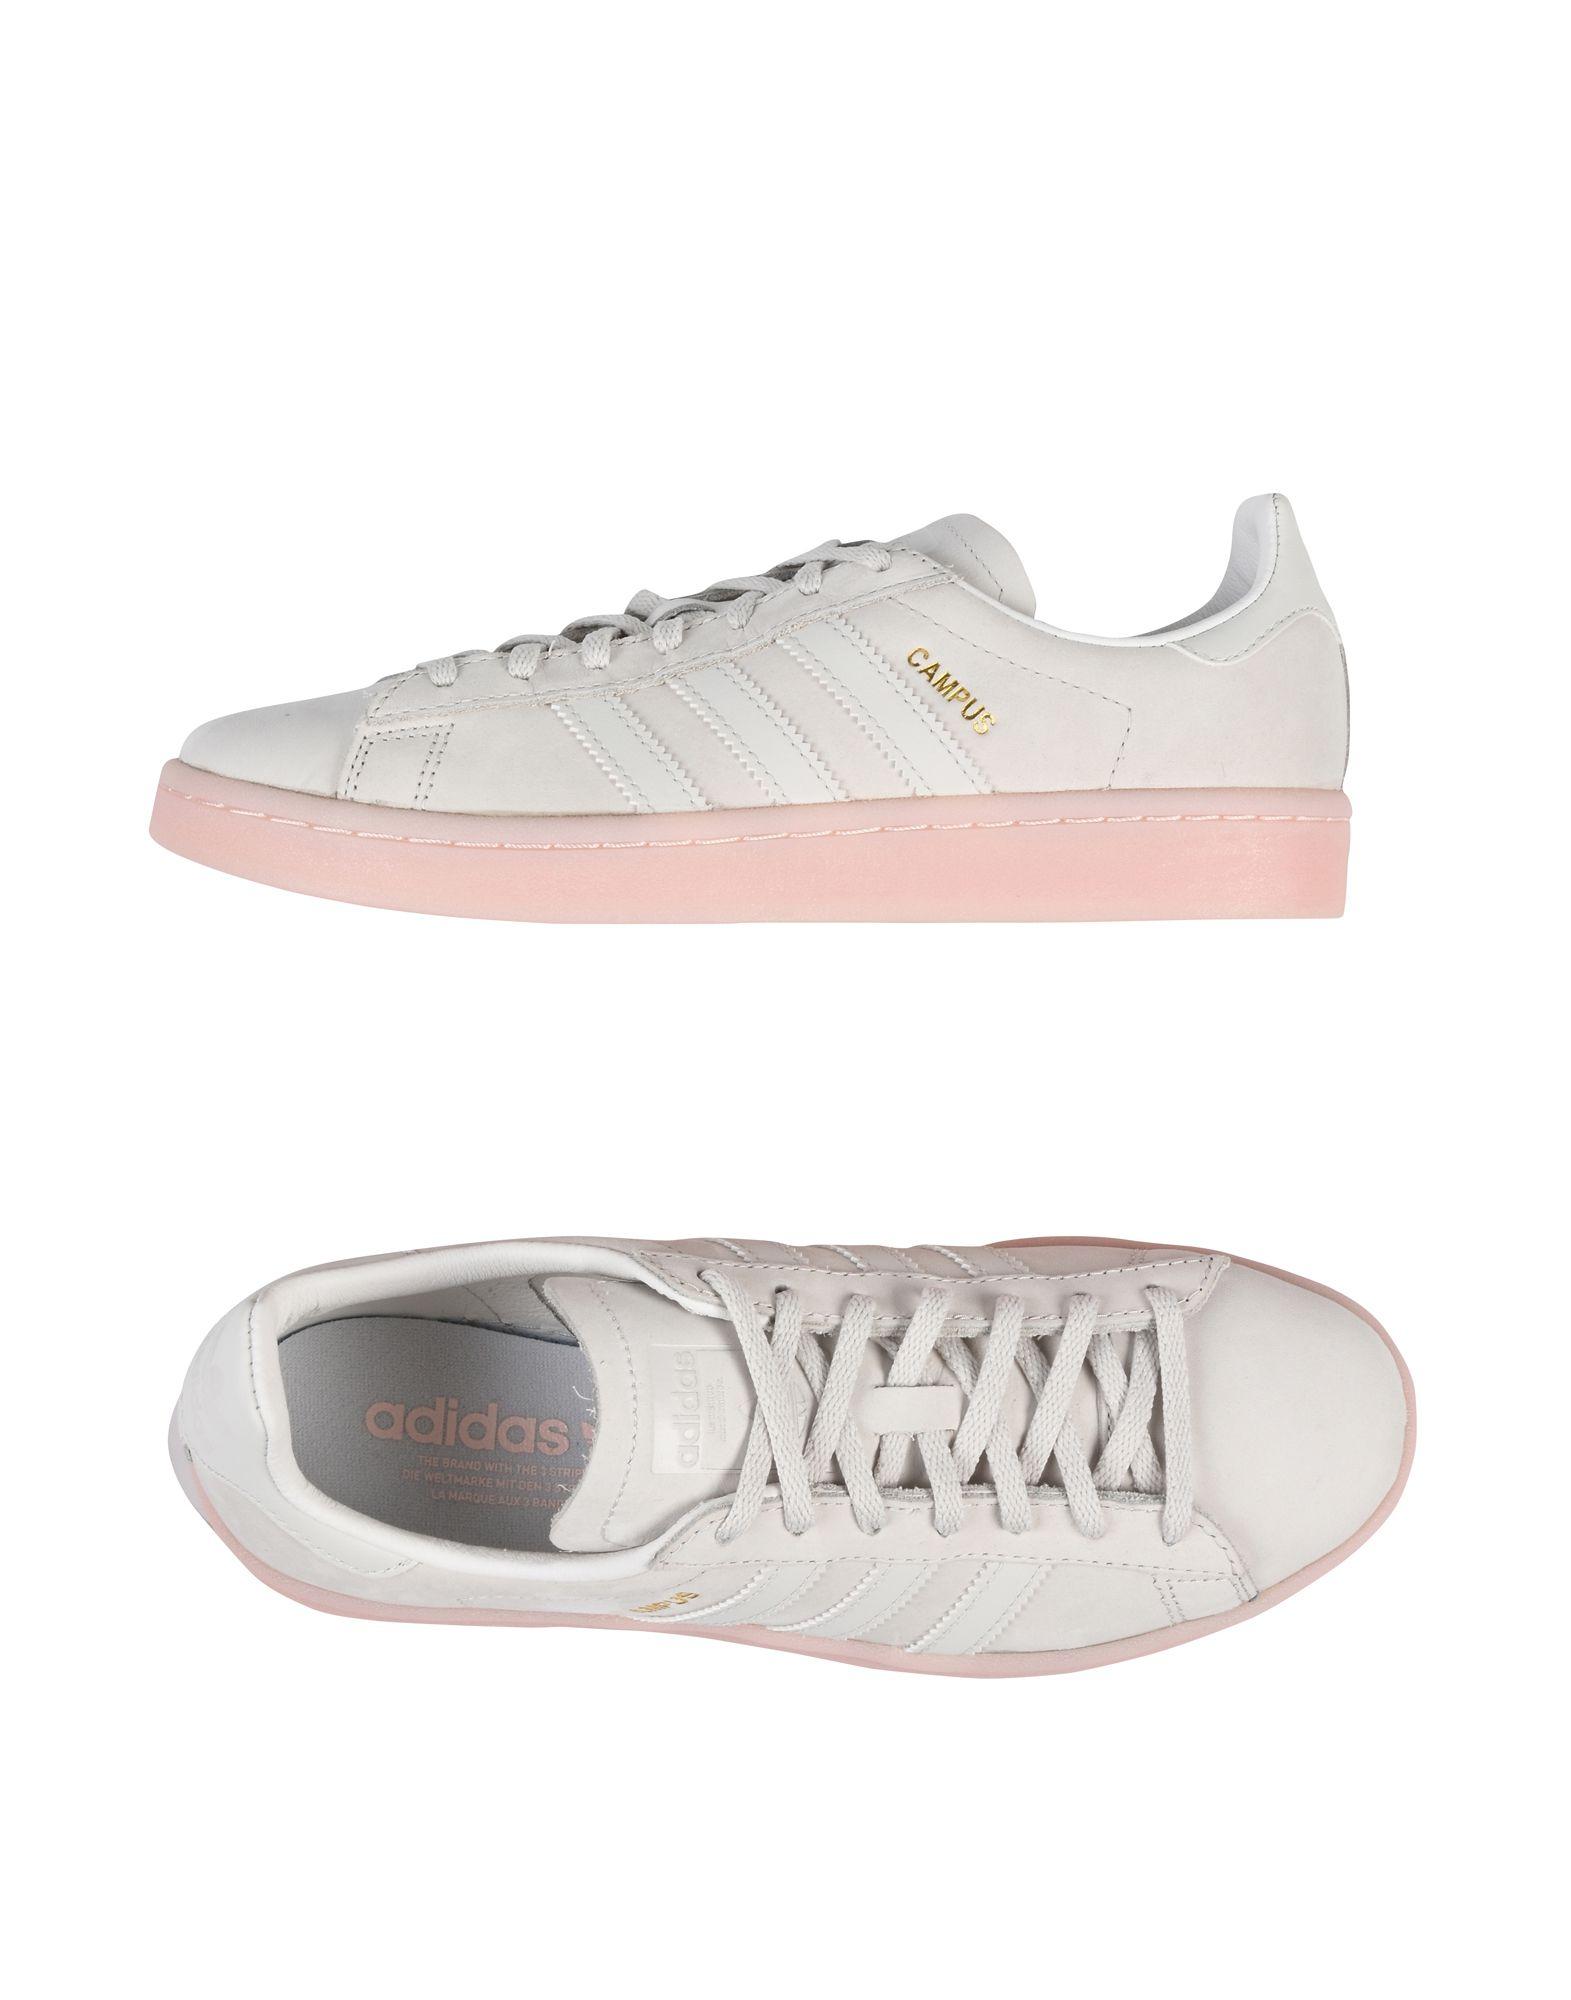 Adidas Originals Campus W  11307907CE Gute Qualität beliebte Schuhe